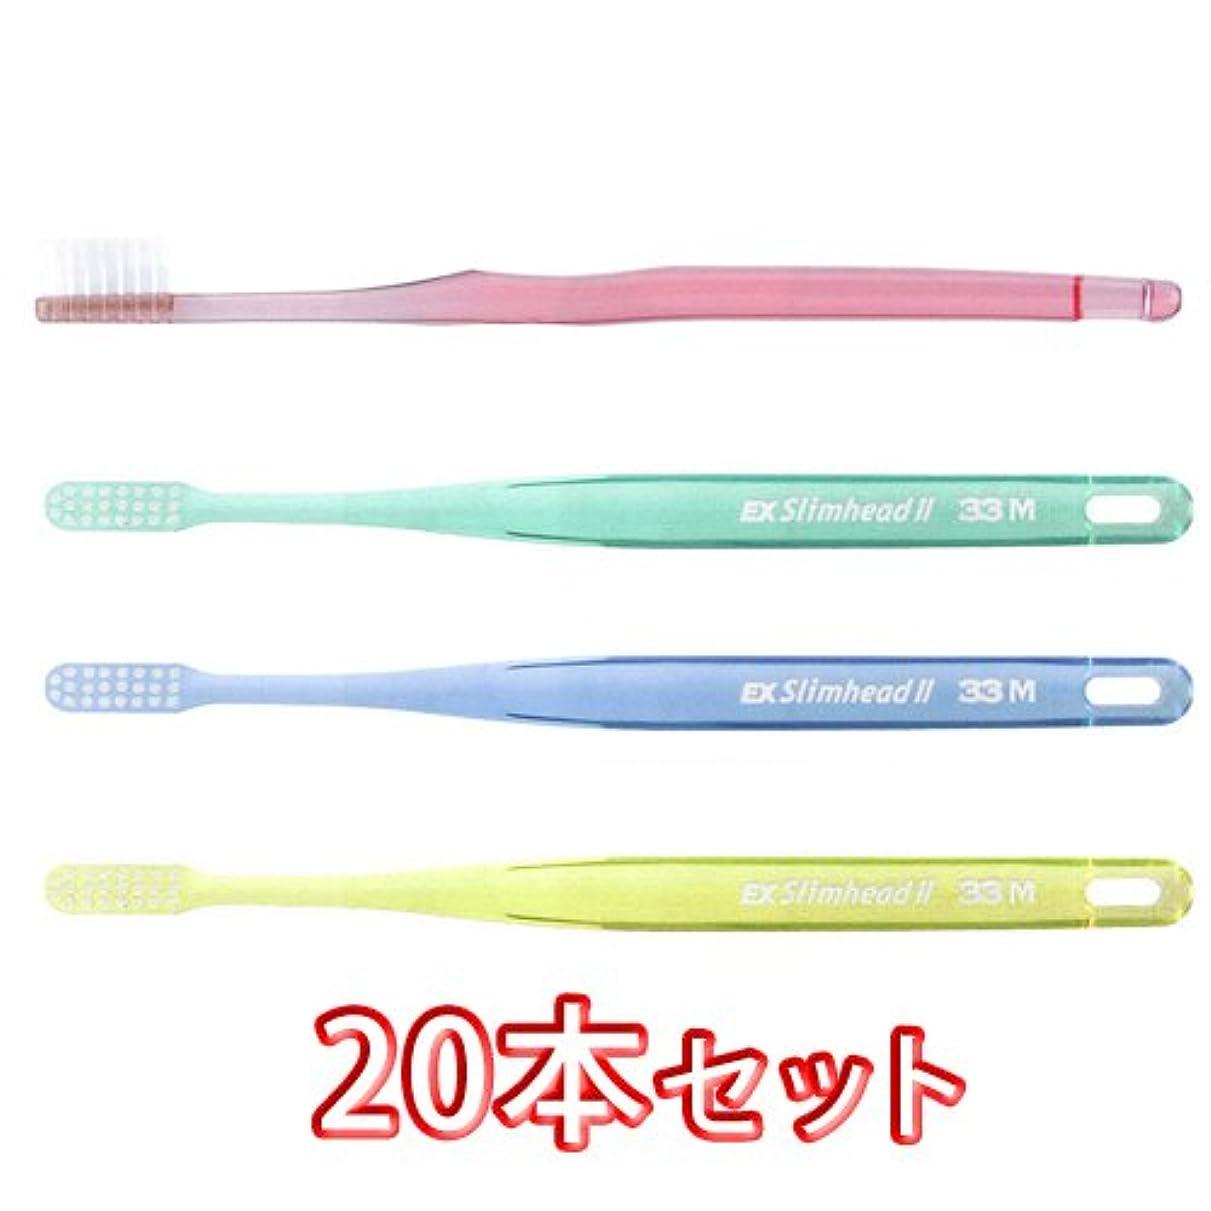 皮肉な尽きる理解するライオン スリムヘッド2 歯ブラシ DENT . EX Slimhead2 20本入 (33M)